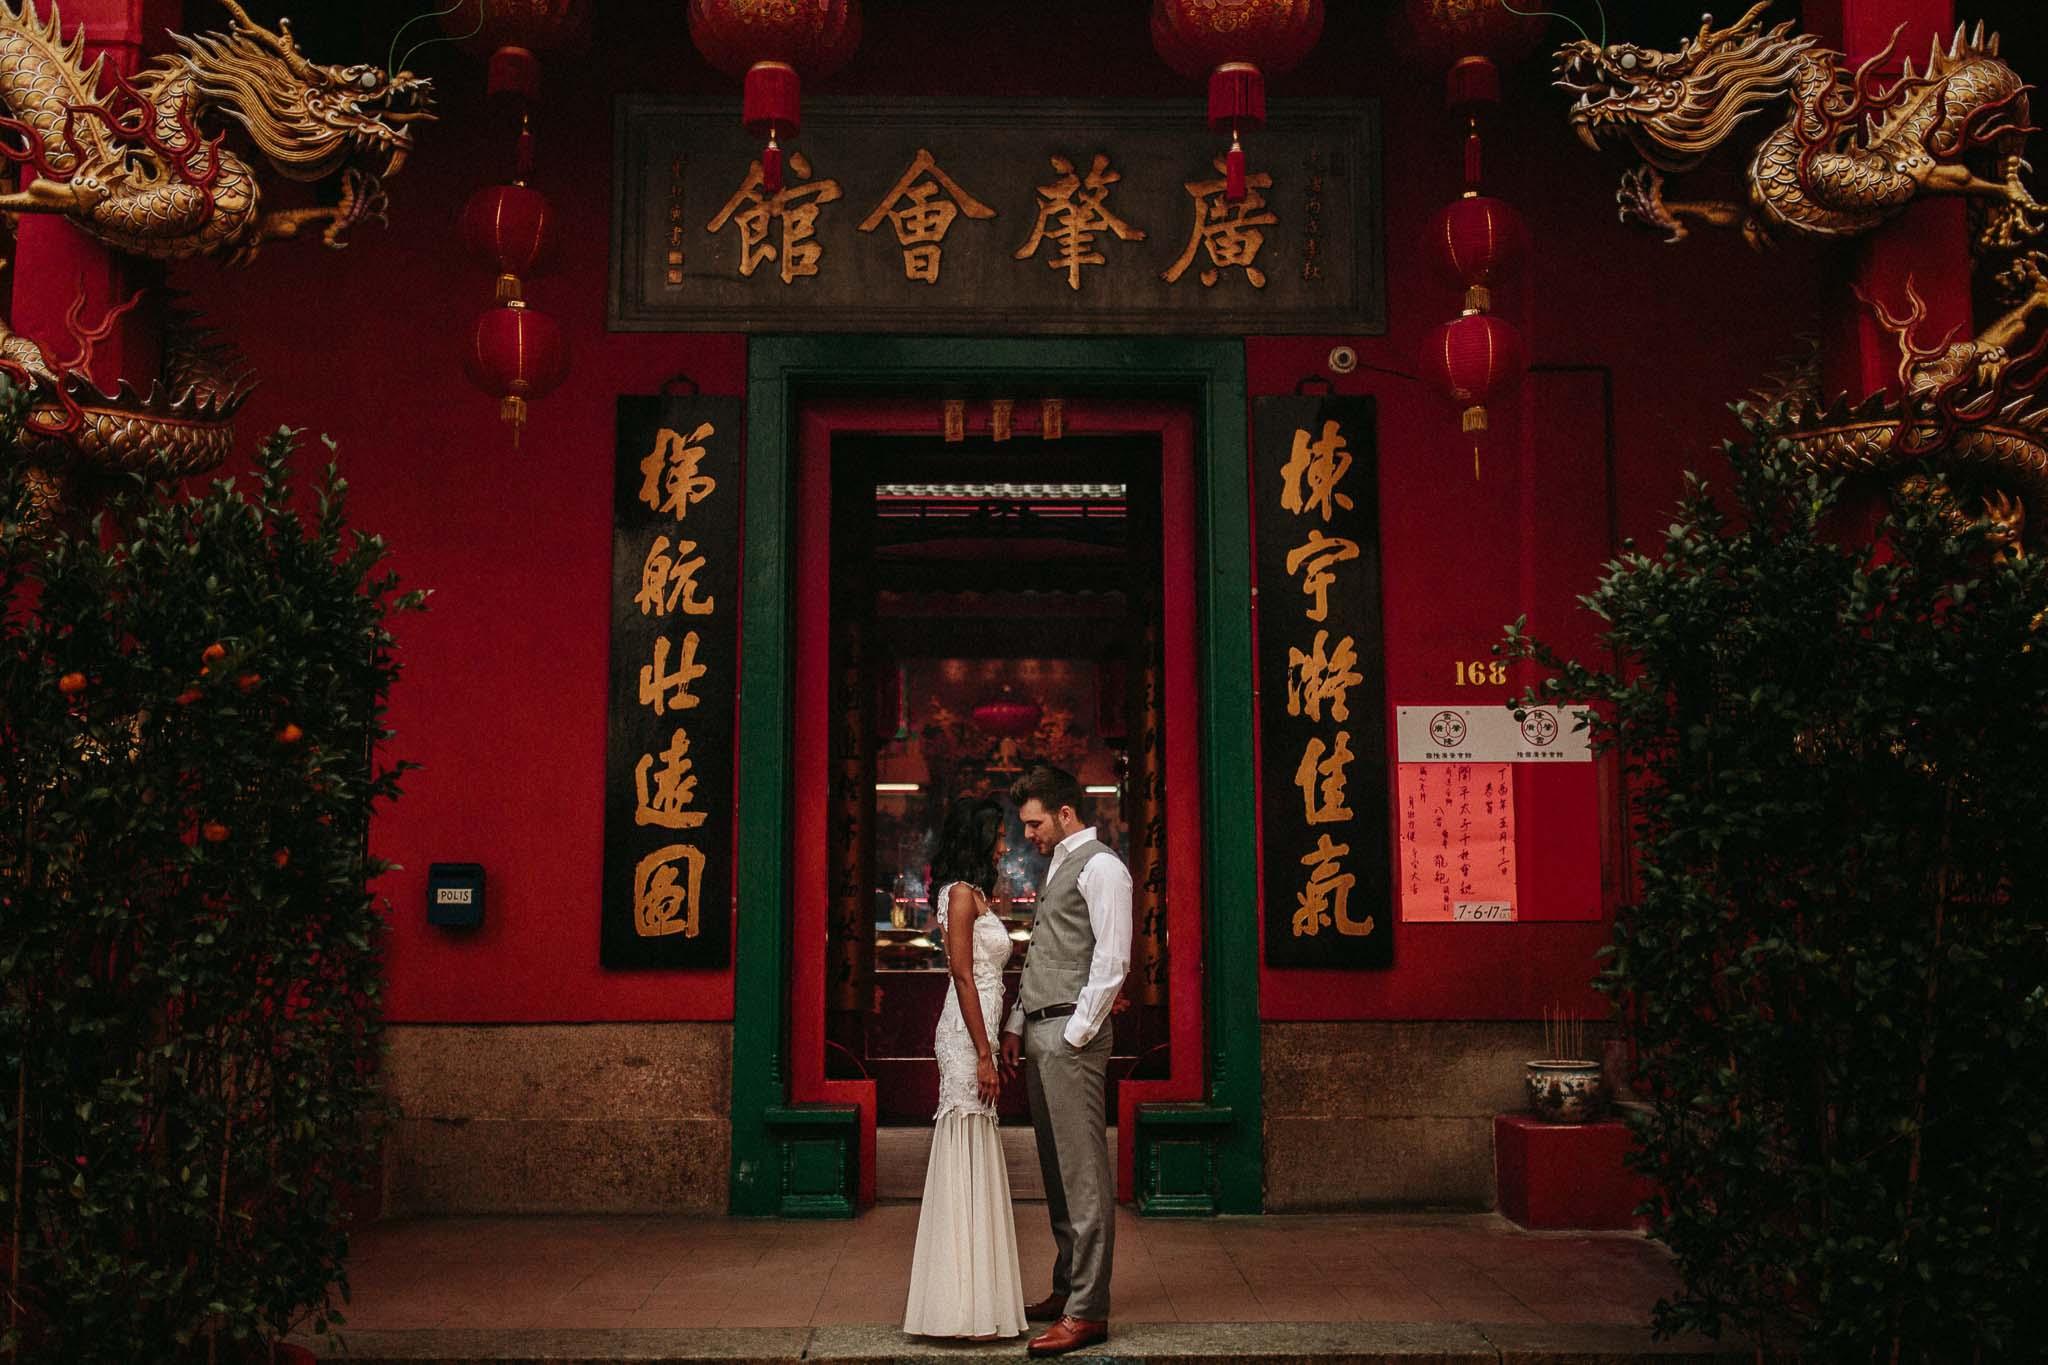 u&m-weddingsbyqay-lovesession-destinationweddingphotographer (68 of 160).jpg